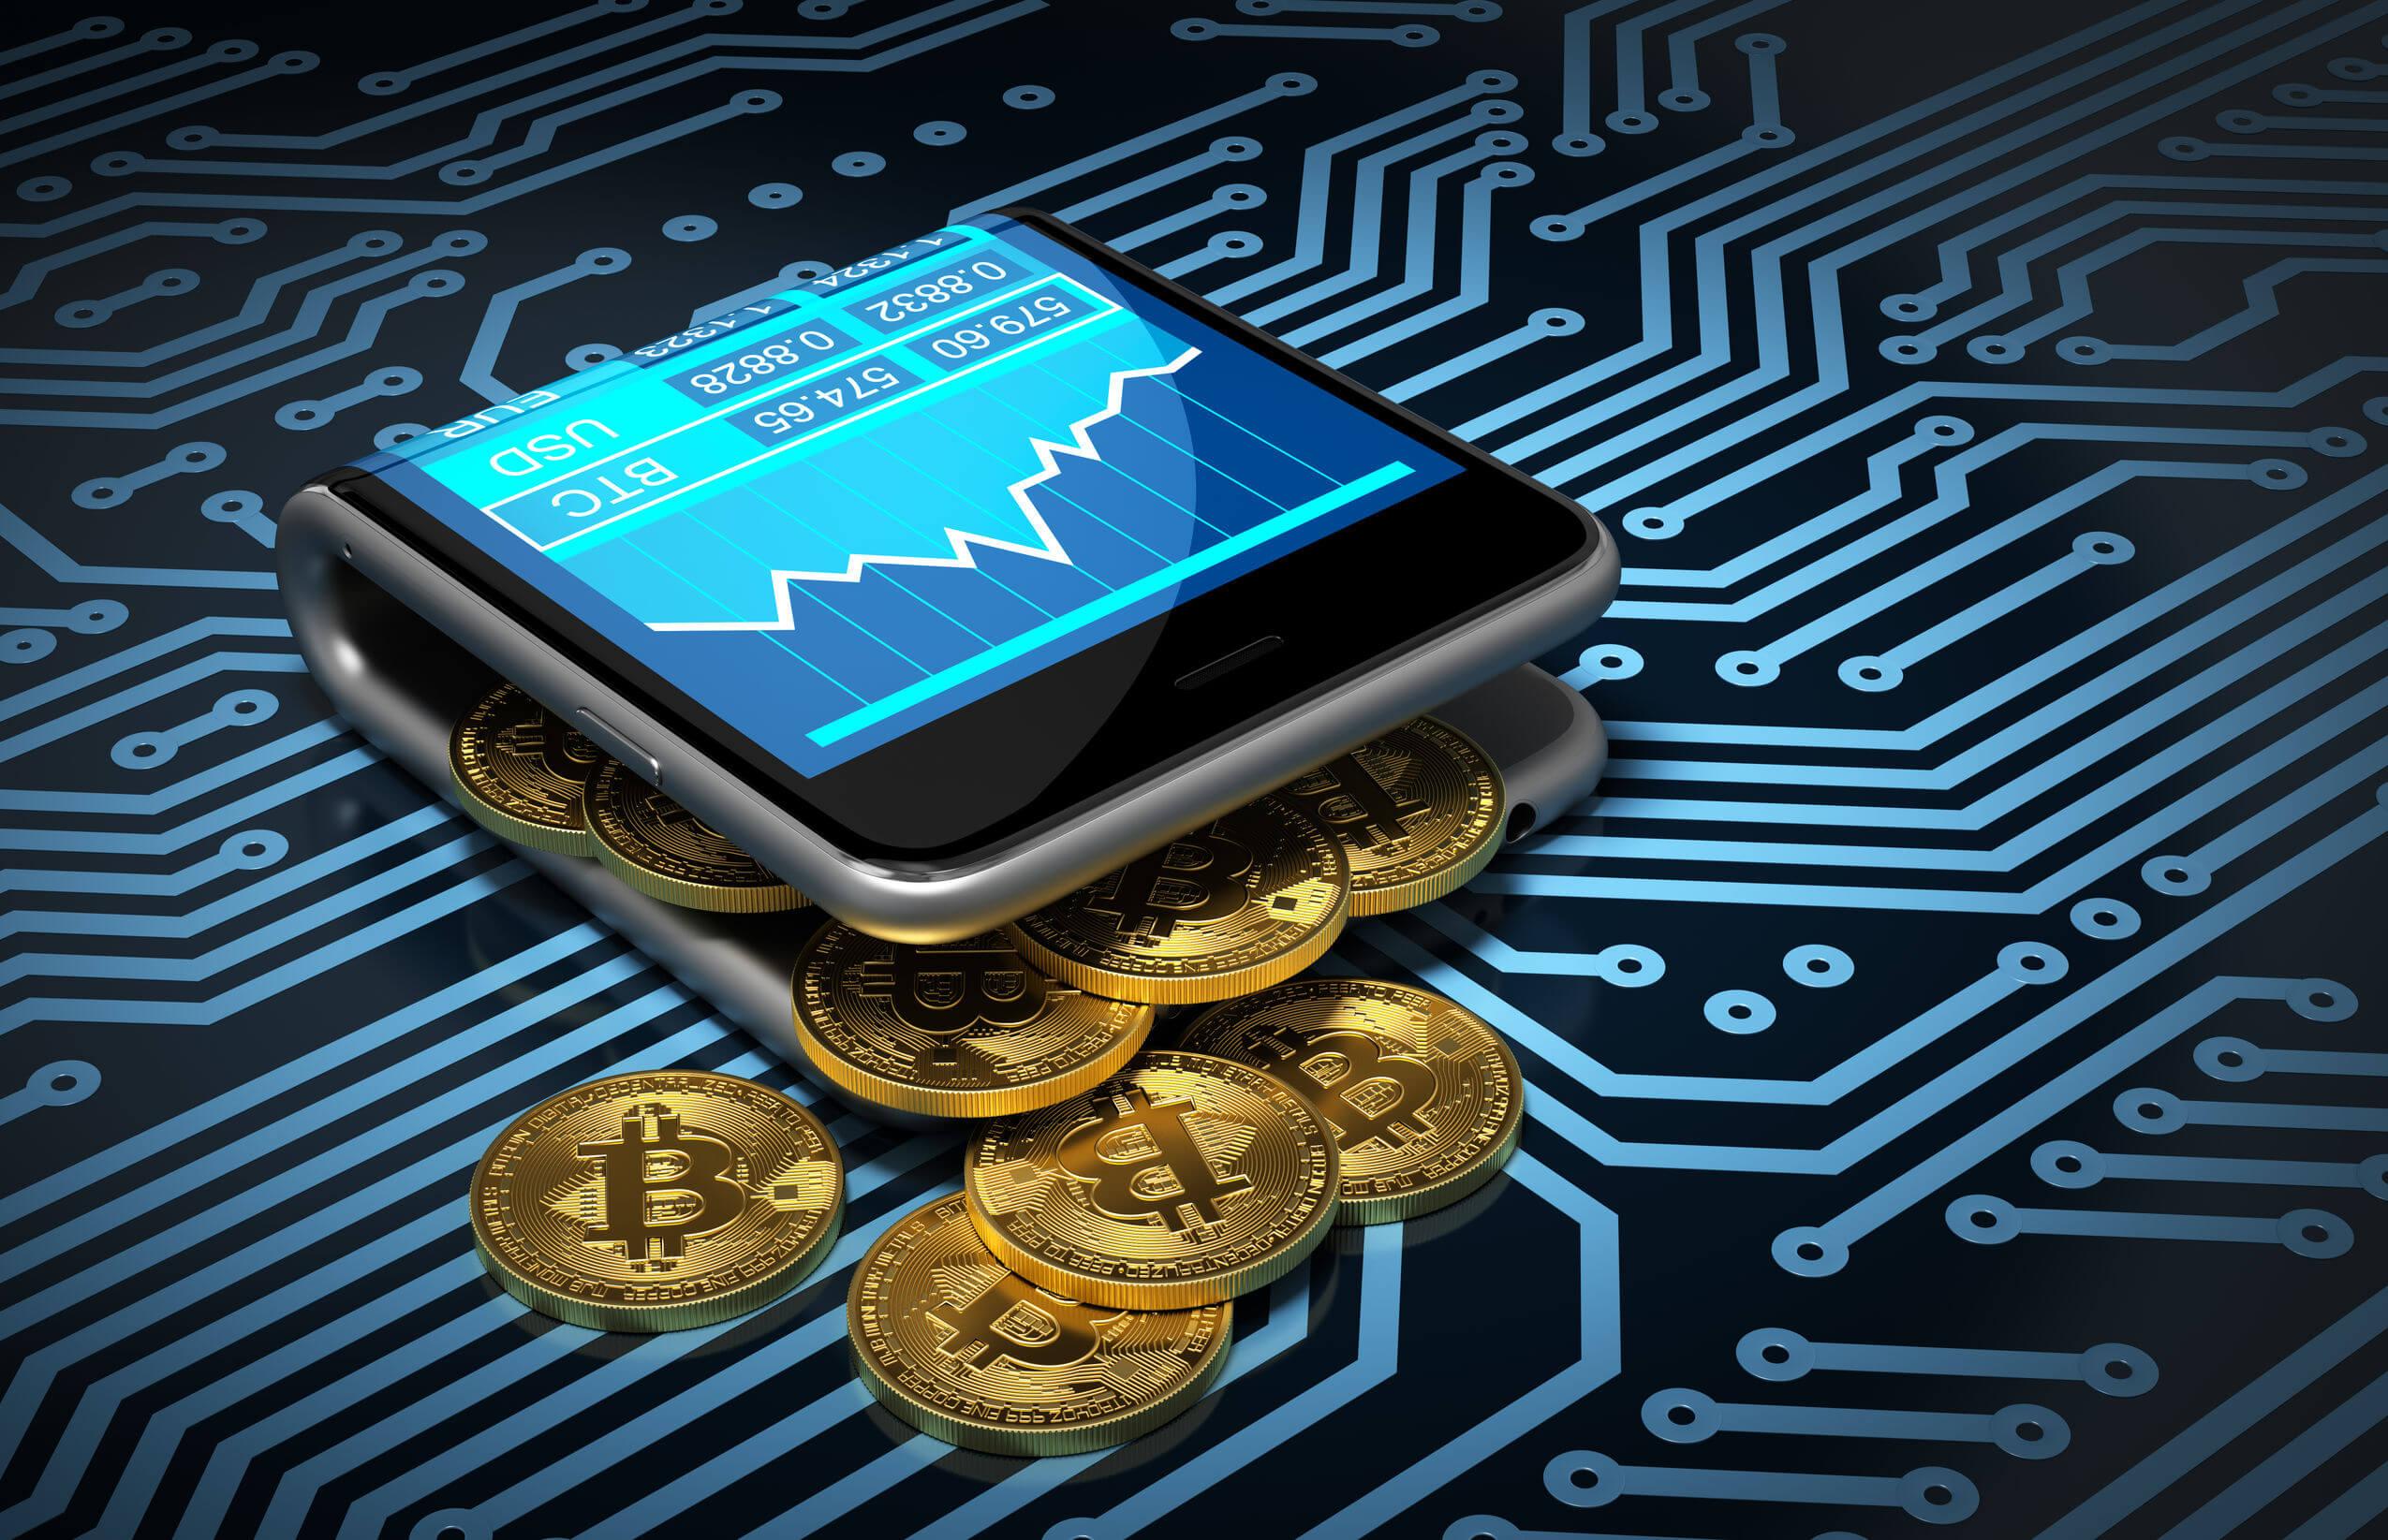 Приобретение и хранение криптовалют на специальных электронных кошельках